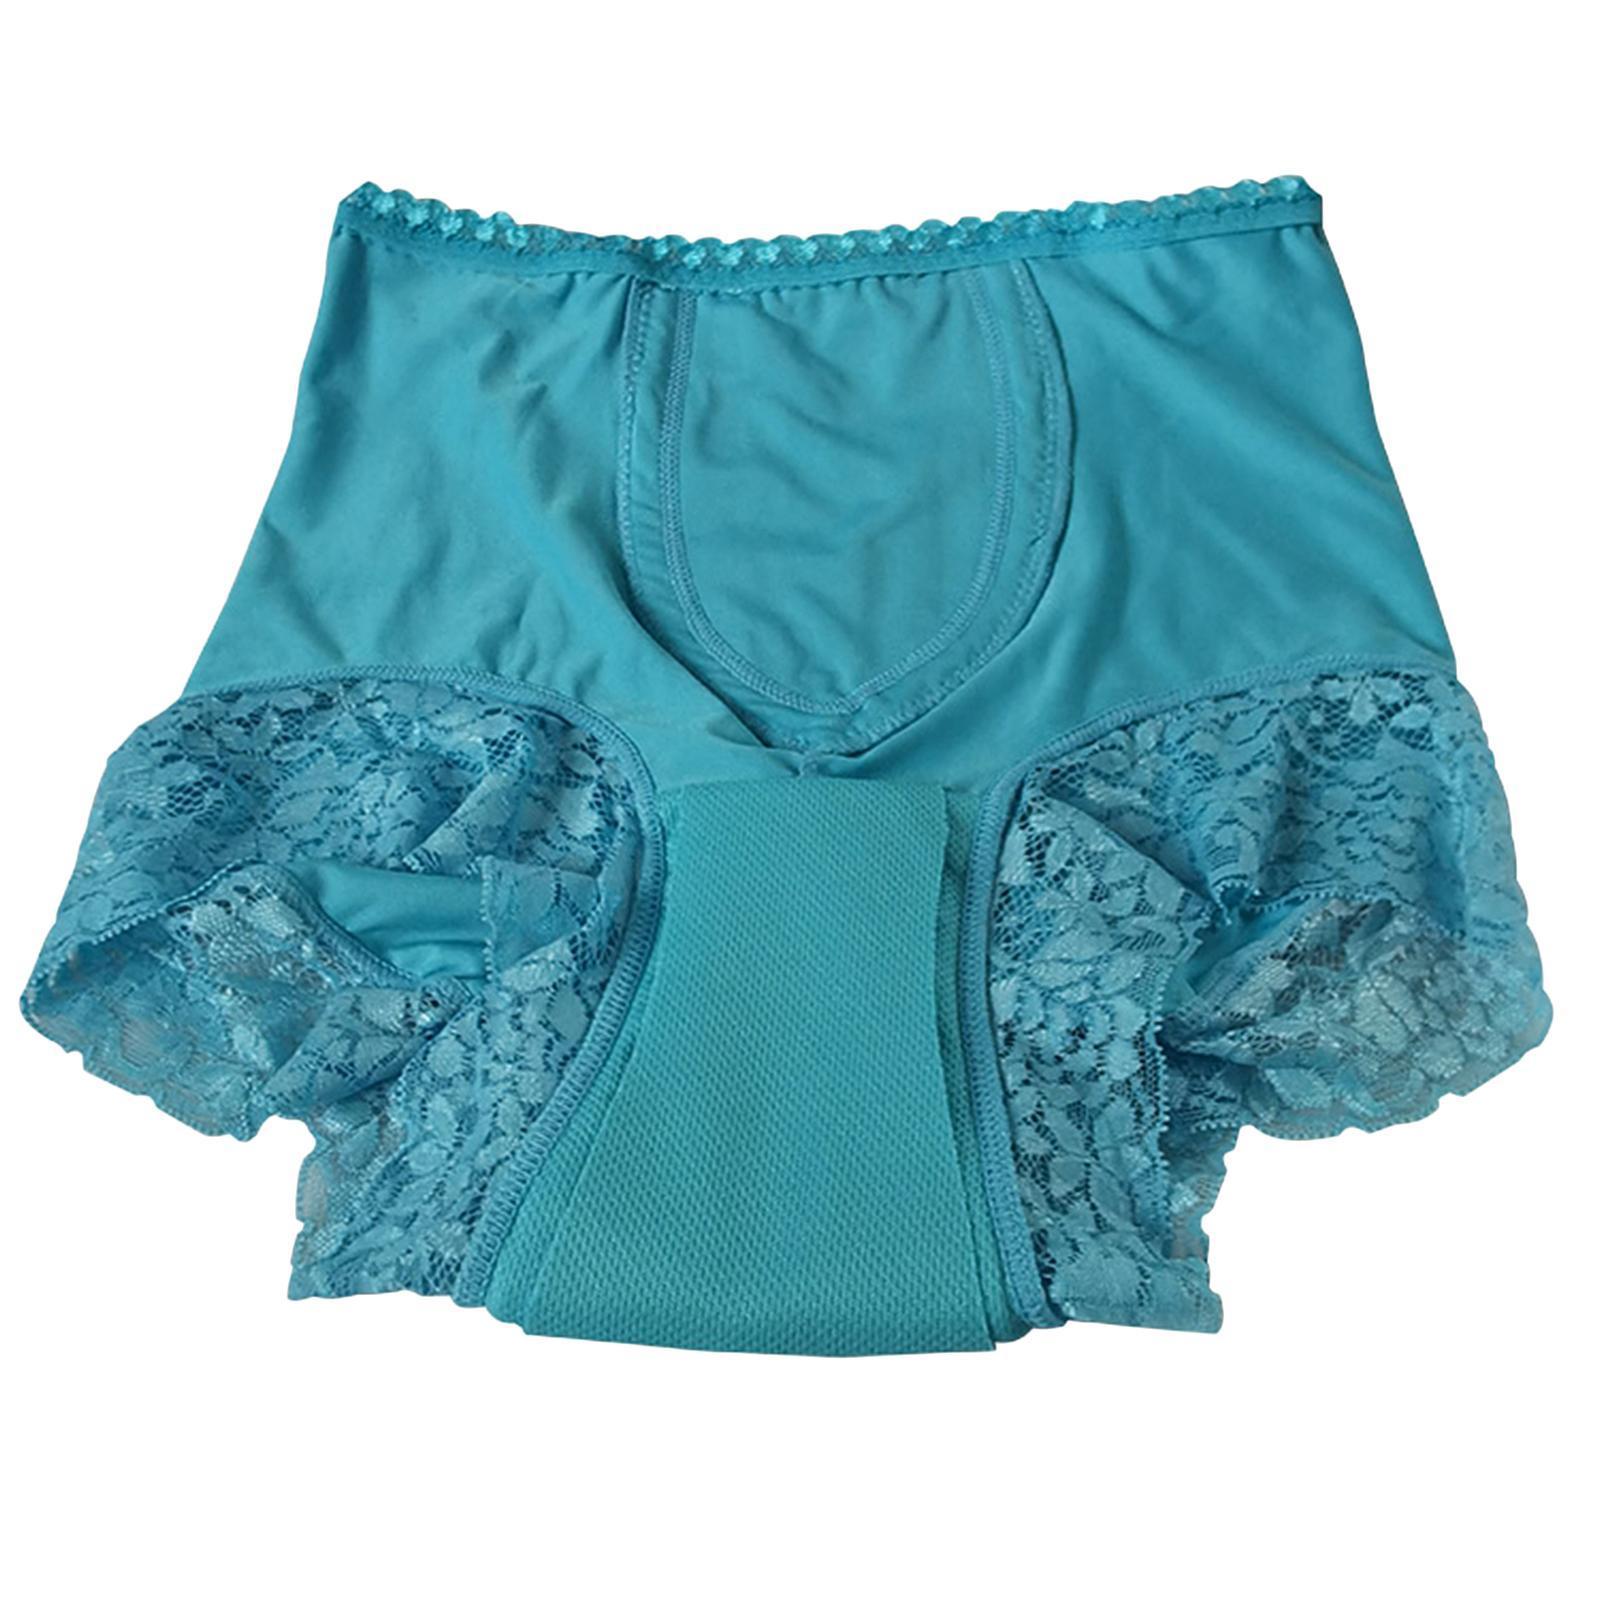 Indexbild 12 - Wiederverwendbare Inkontinenz Unterwäsche mit Pad für Frauen Menstruations